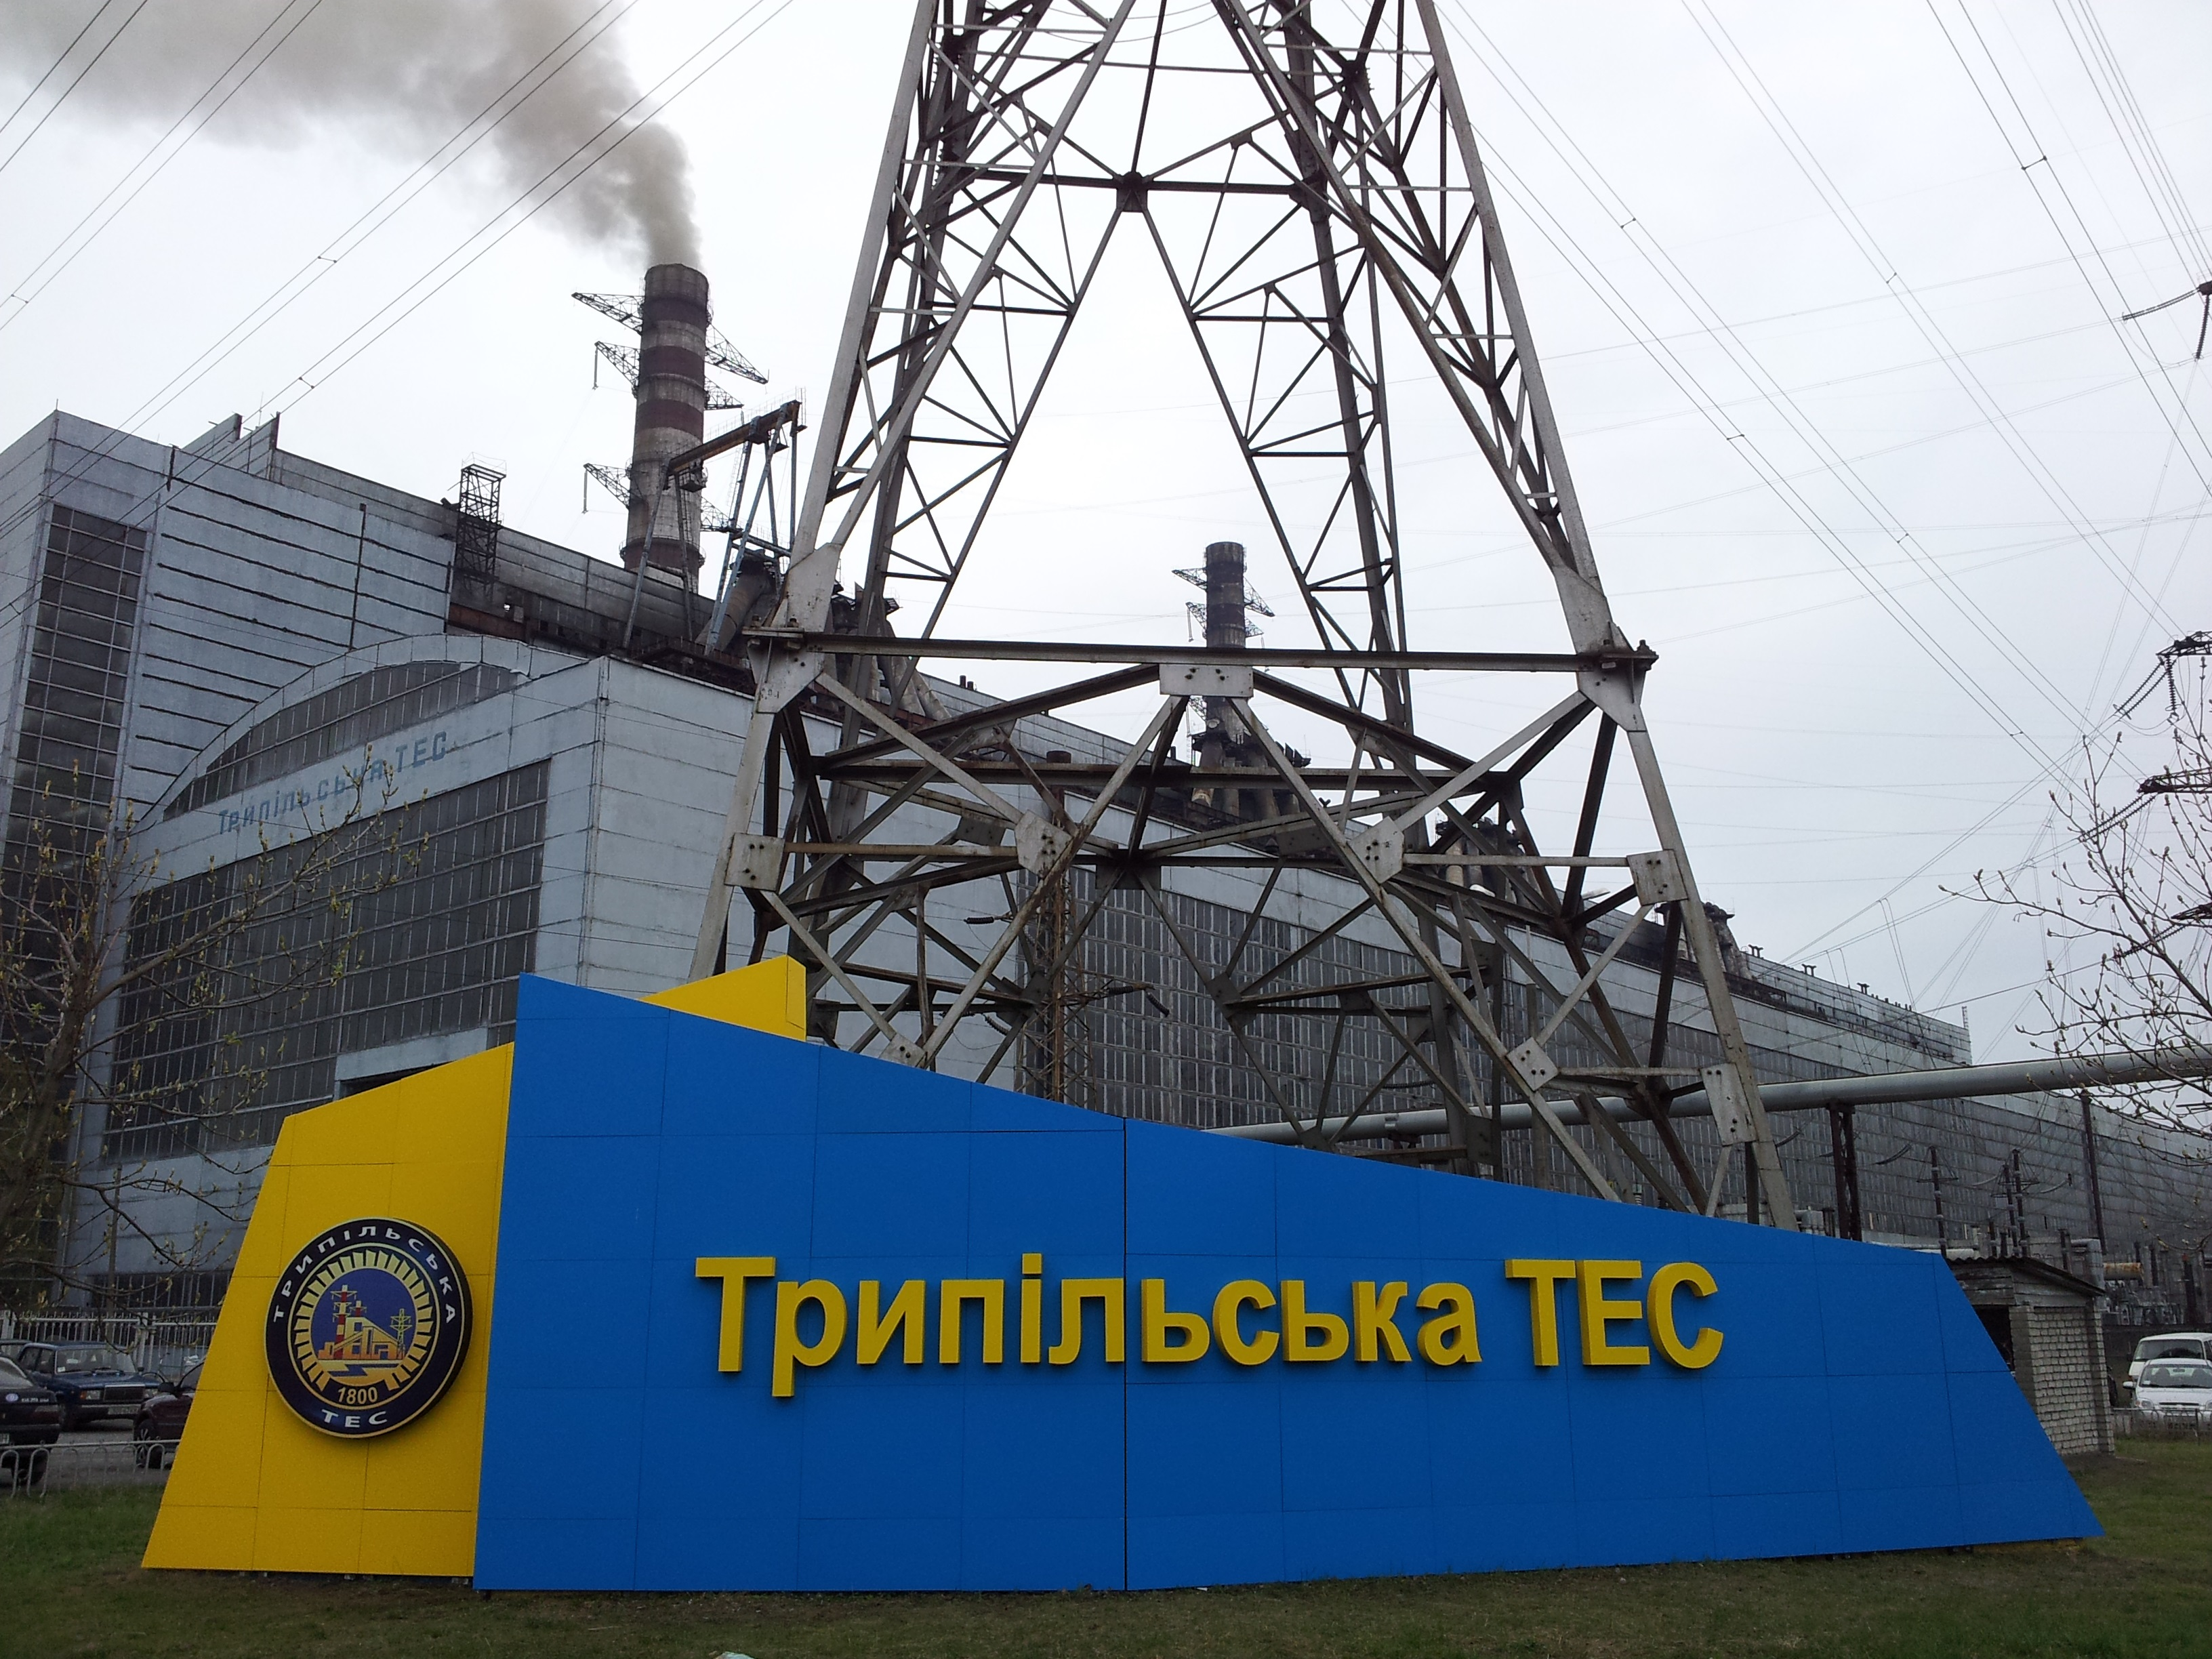 Из-за нехватки угля на Украине остановлена Трипольская ТЭС